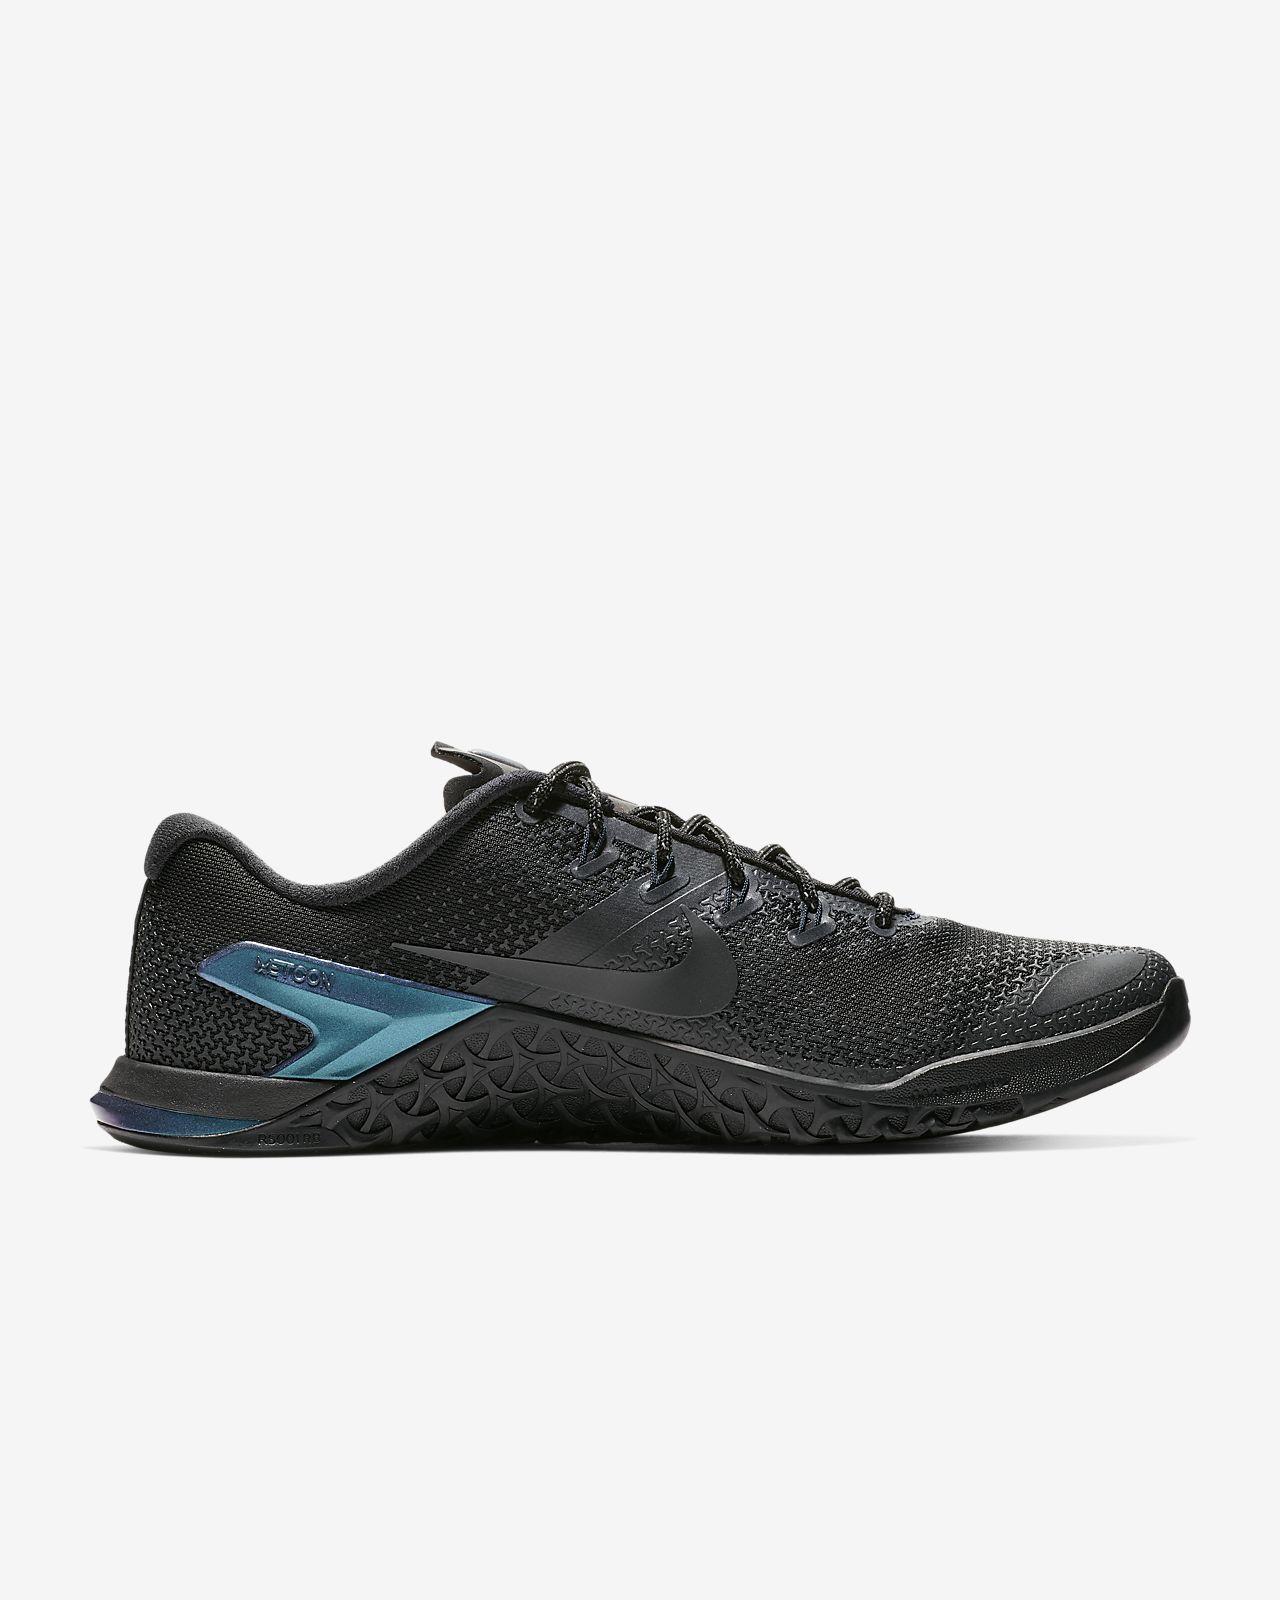 dd5f5d1a93003 Zapatillas de cross training y levantamiento de pesas - Hombre. Nike Metcon  4 Premium